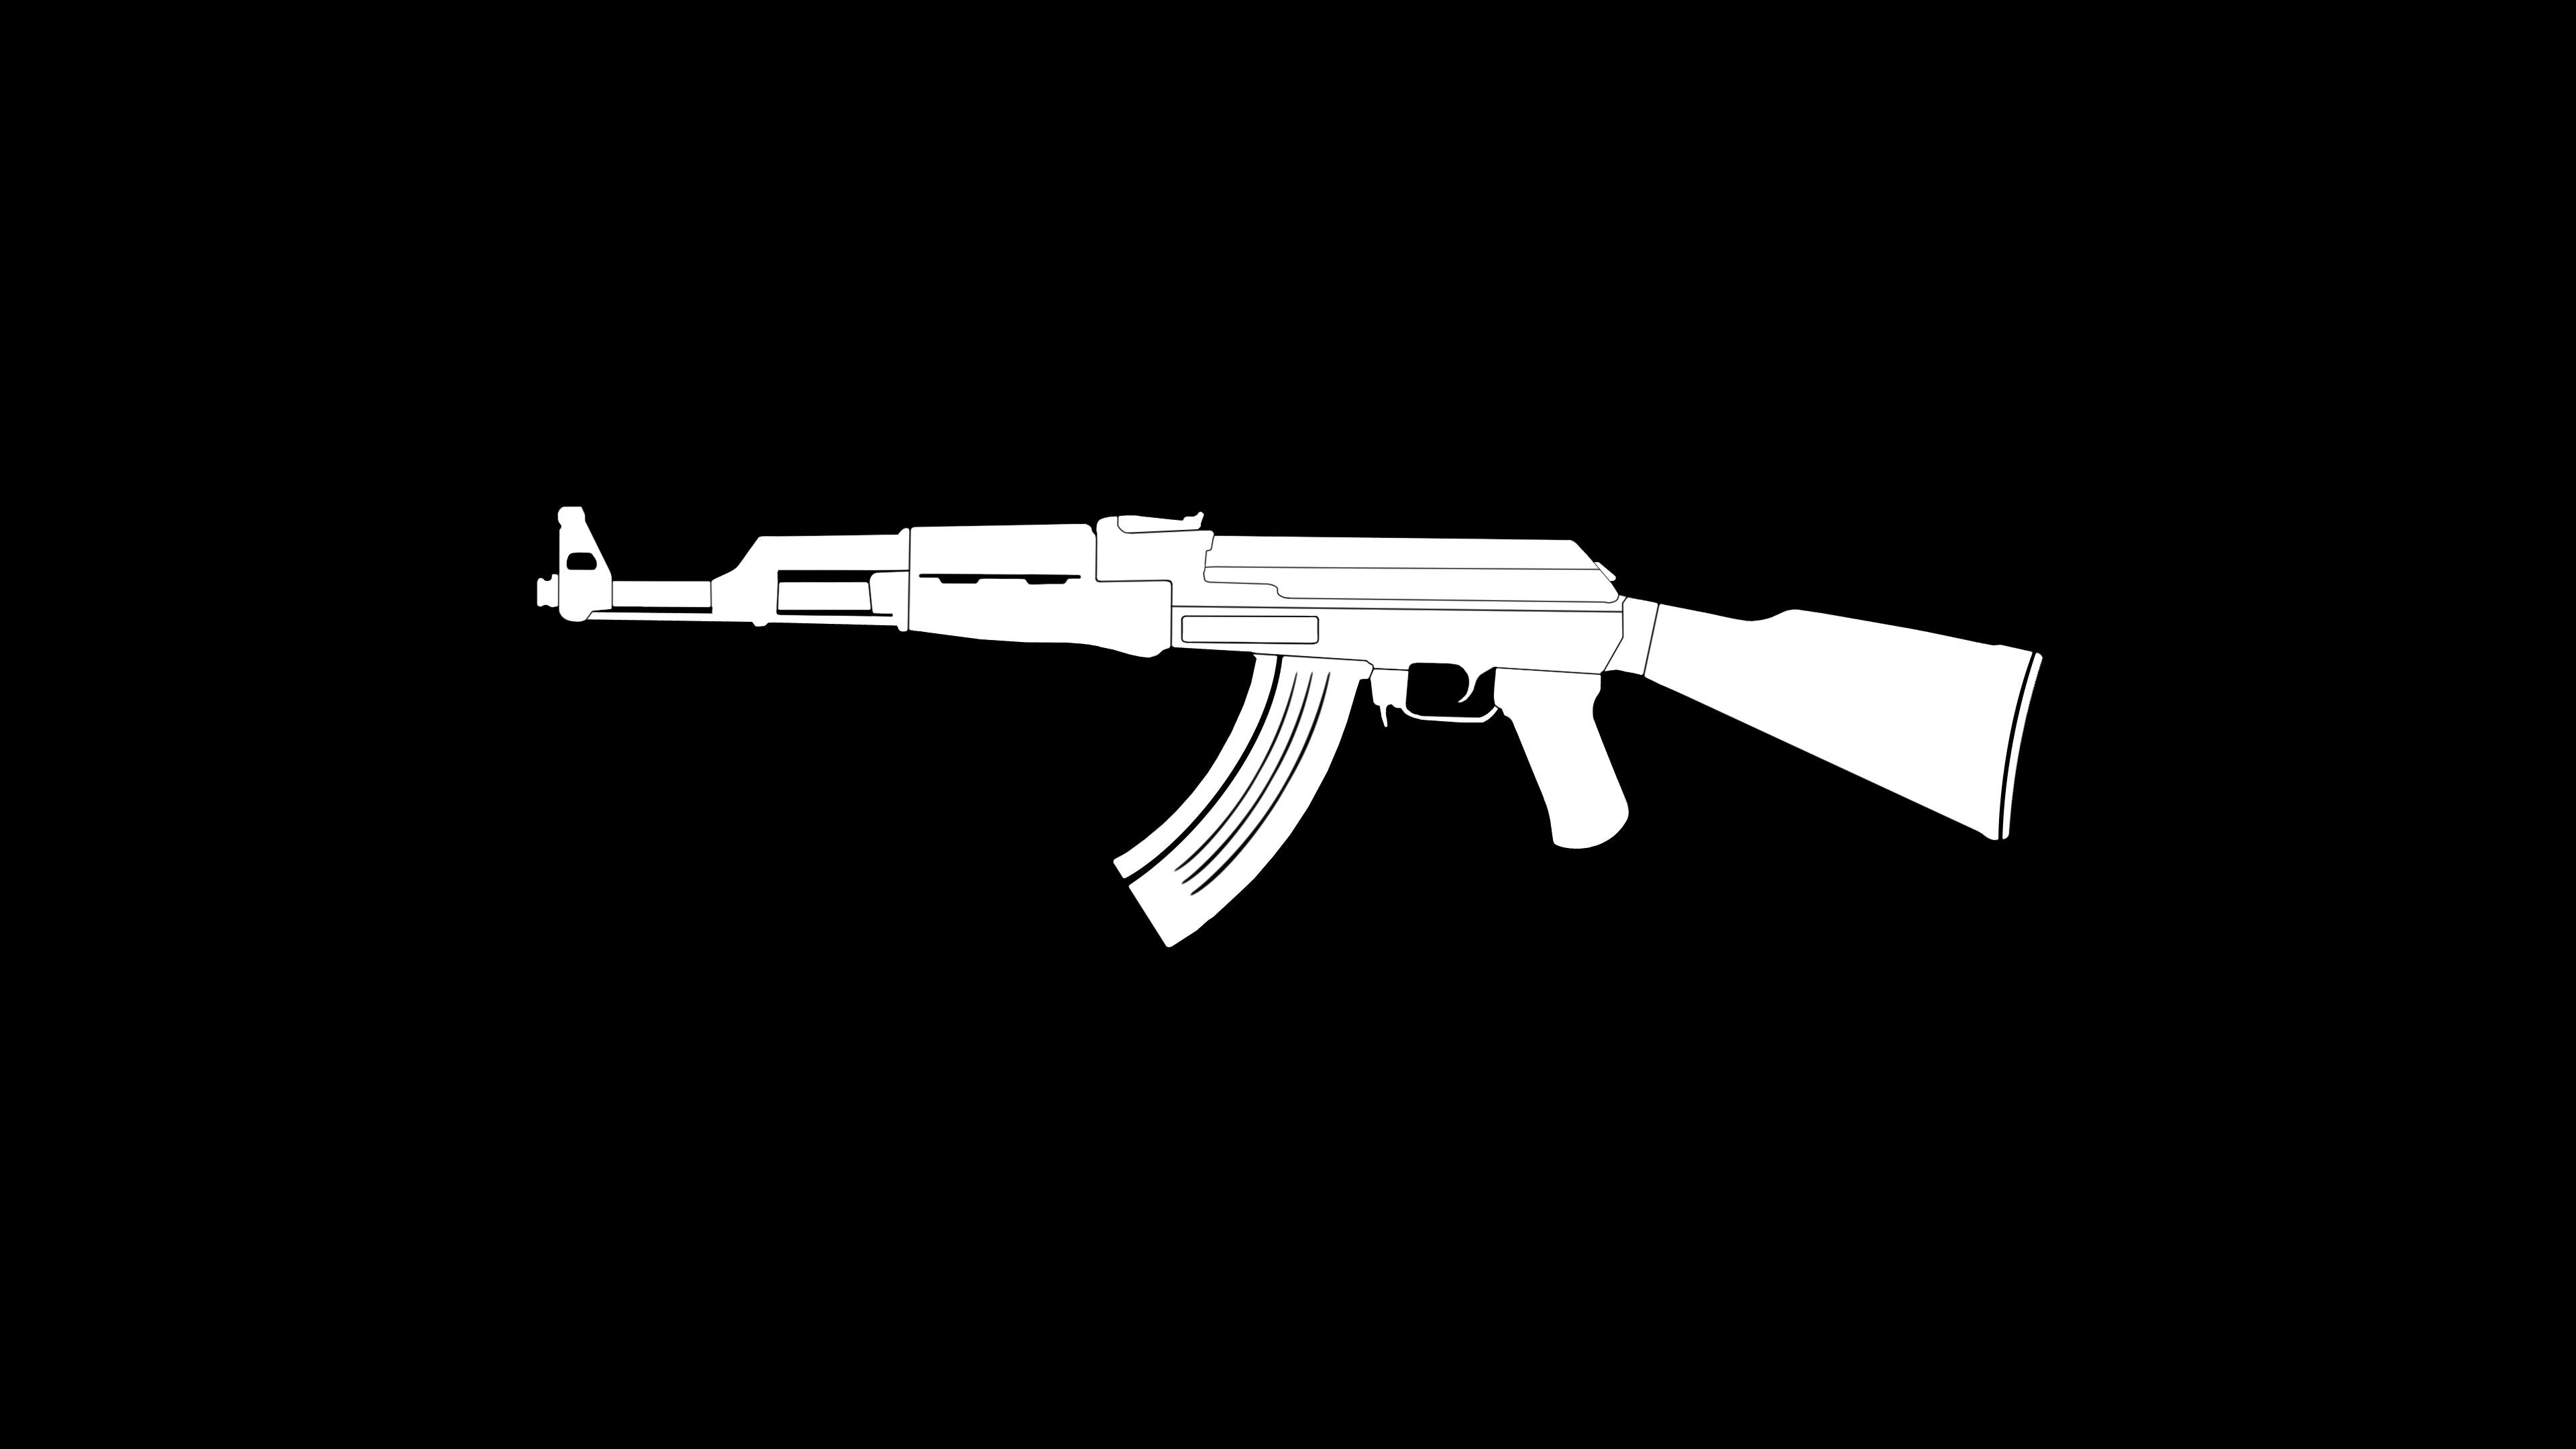 ak47 gun weapon minimalism 4k 1540751381 - AK47 Gun Weapon Minimalism 4k - weapon wallpapers, minimalism wallpapers, hd-wallpapers, gun wallpapers, ak47 wallpapers